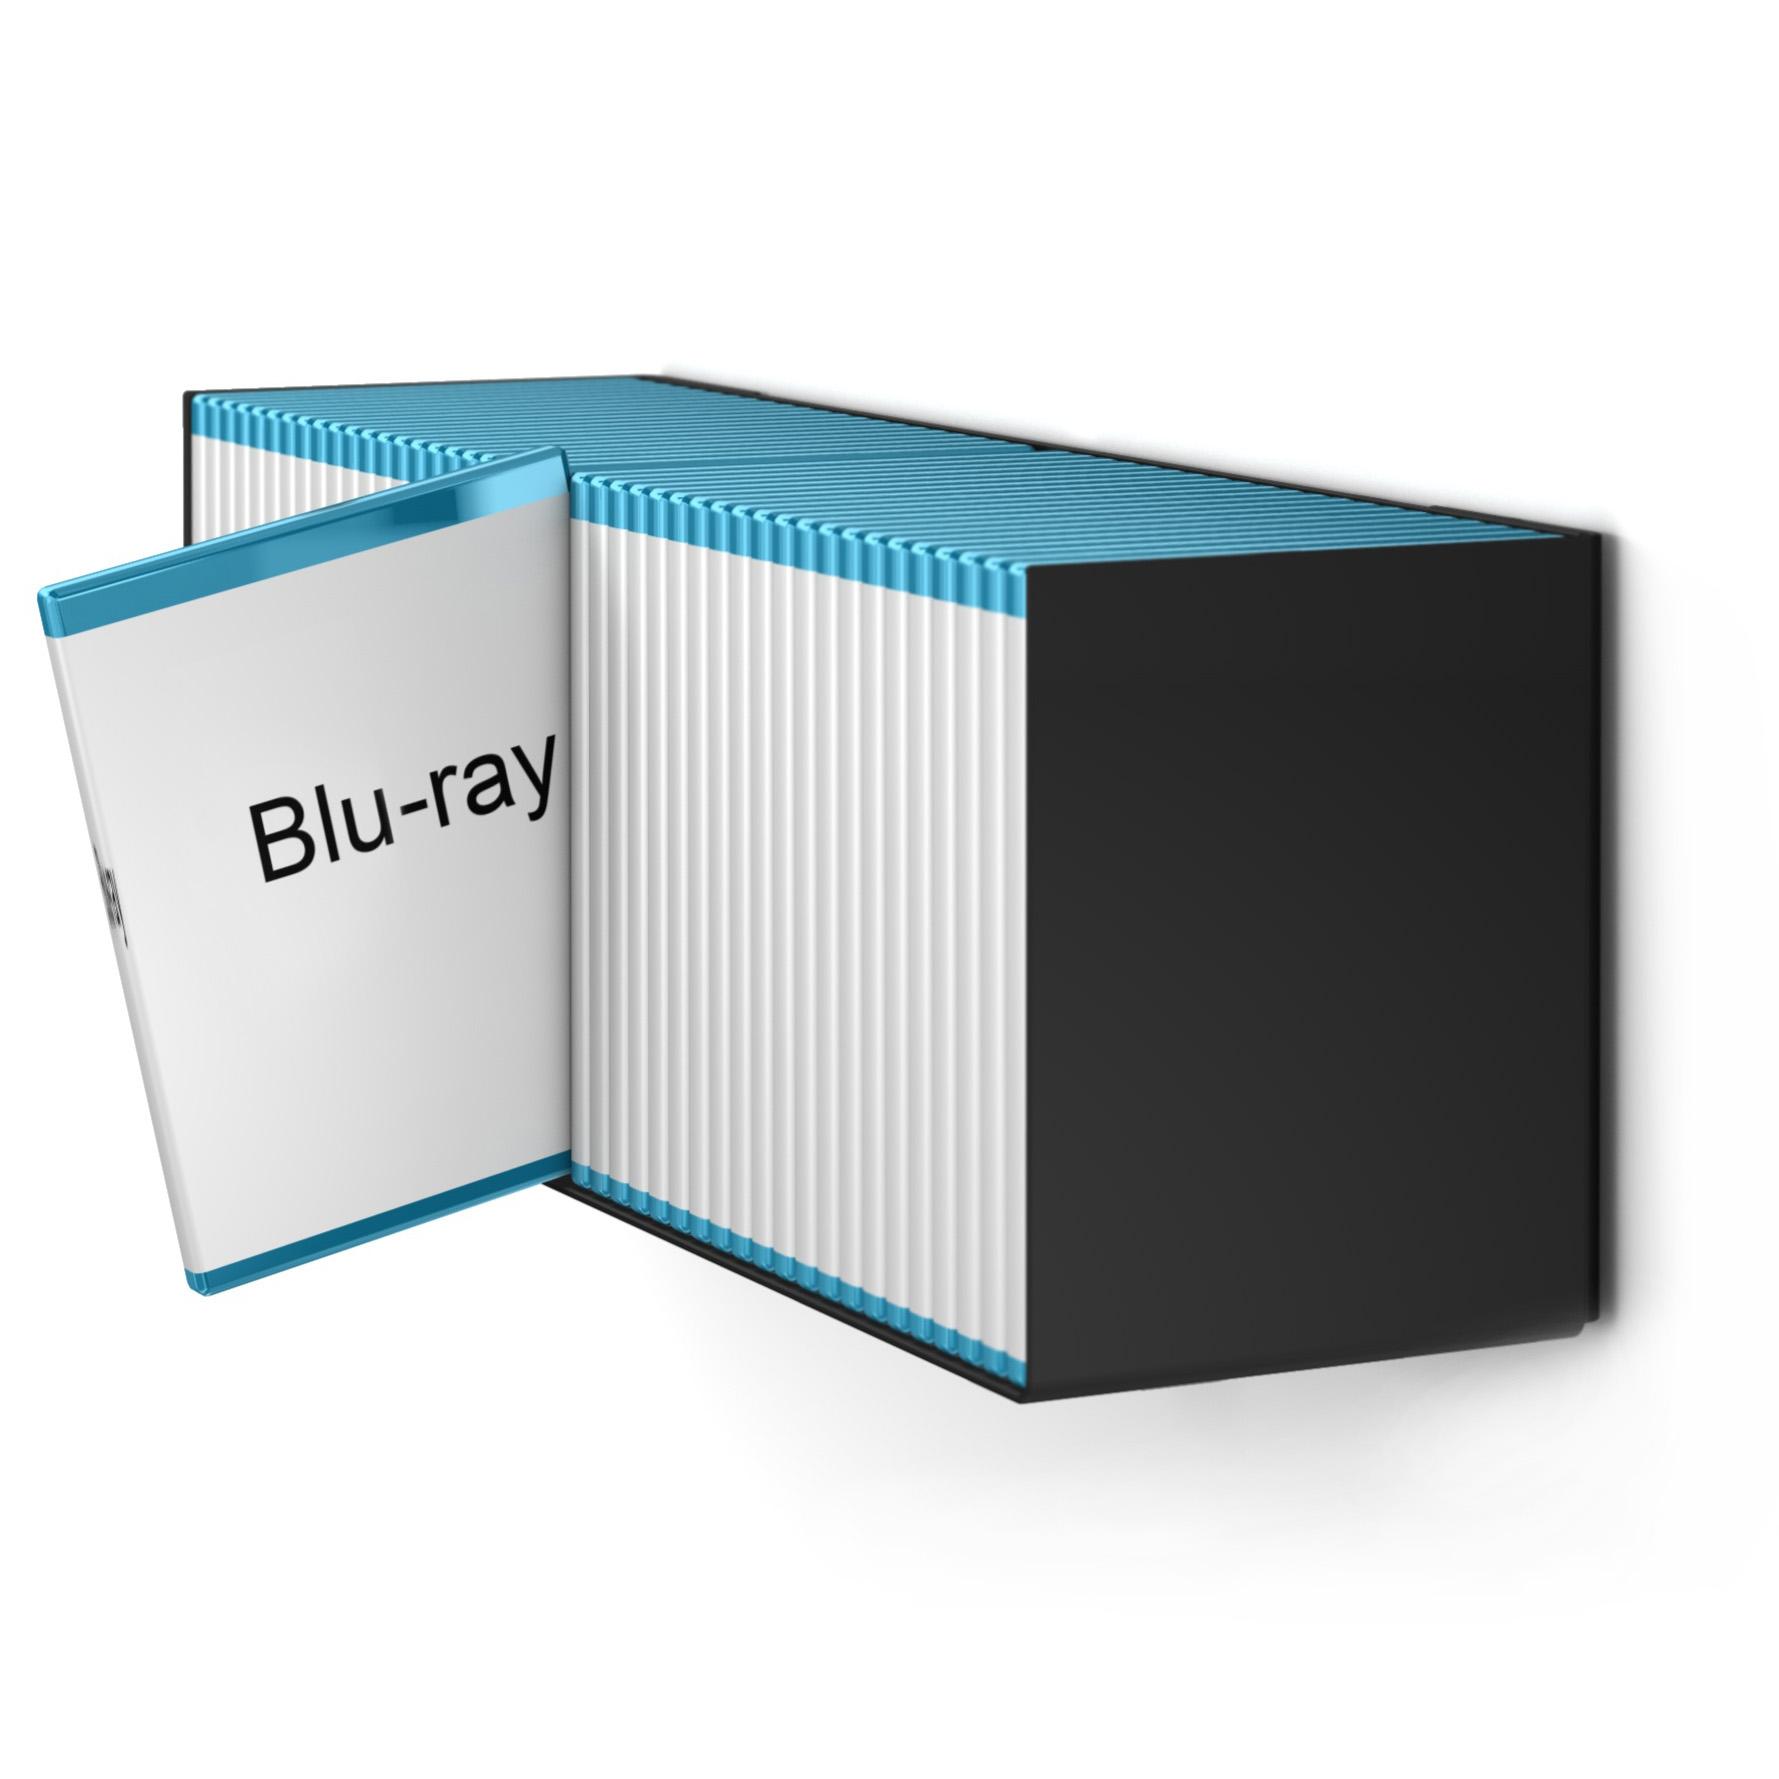 Full Size of Home3000 Blu Ray Designregal In Schwarz Paletten Regal Wildeiche Nach Maß Günstig Cd Holz Schmal Badezimmer Kiefer Tisch Kombination Naturholz Regale Offenes Regal Blu Ray Regal